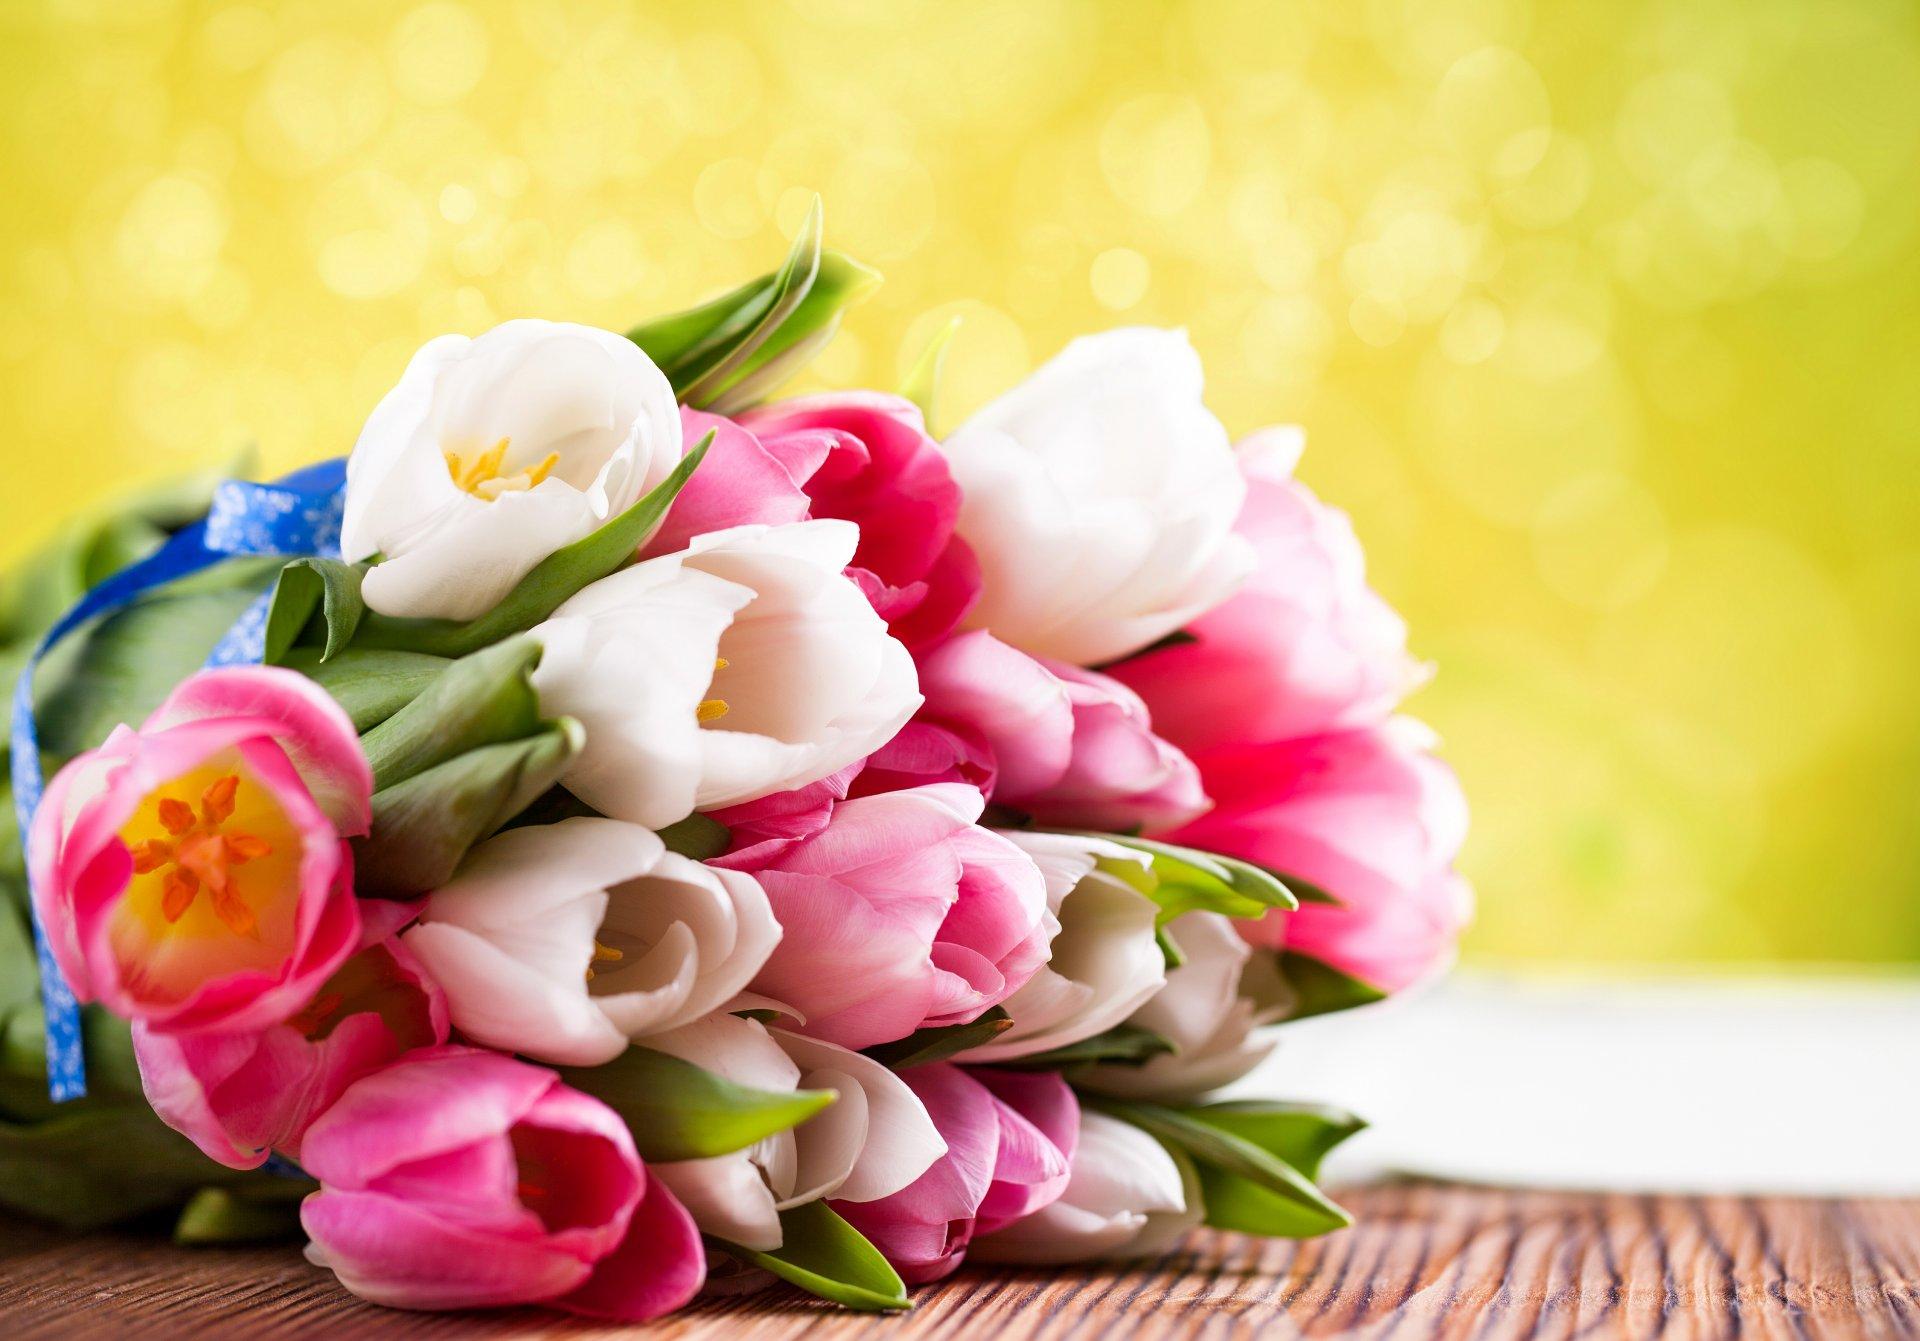 цветы на праздник картинка